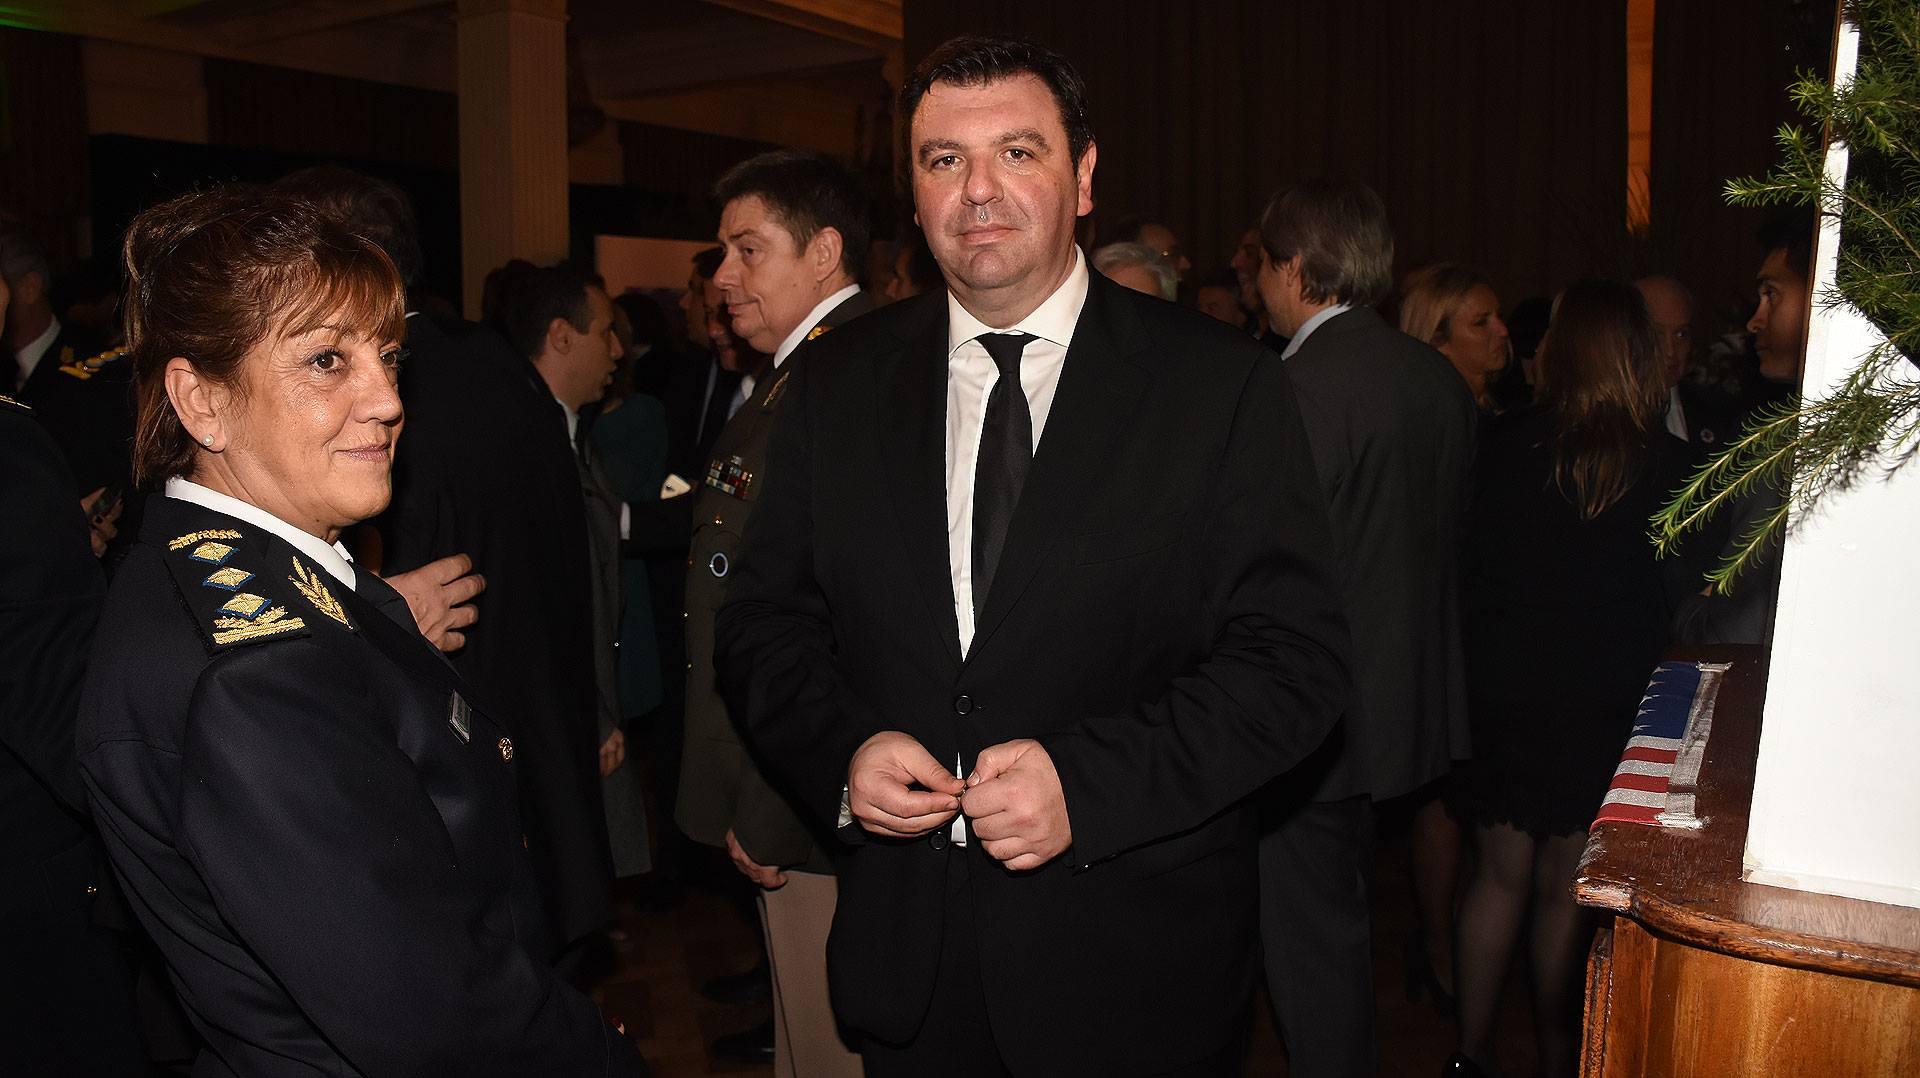 Ariel Lijo tiene la causa del dinero de Michetti en su casa. Estuvo en los festejos del 4 de julio  invitado por la Embajada de Estados Unidos.